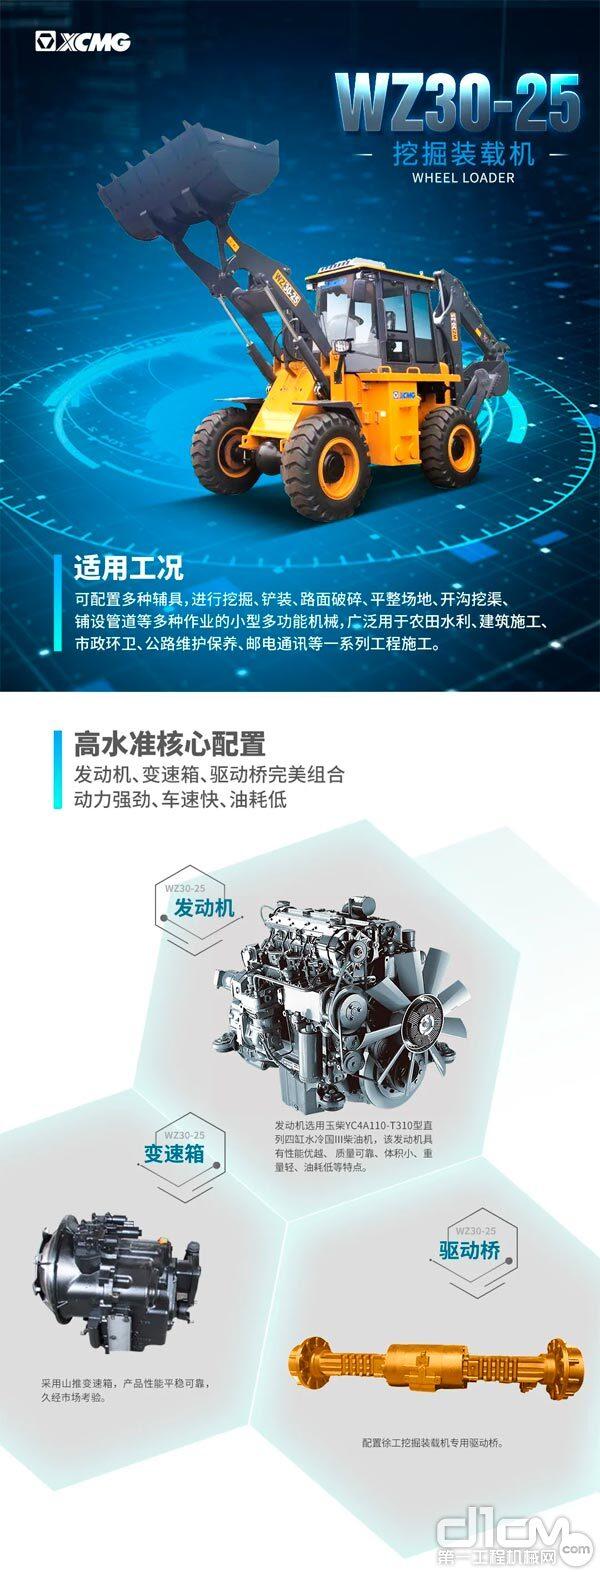 【装载之王·铲业好车】行业经典,徐工WZ30-25挖掘装载机